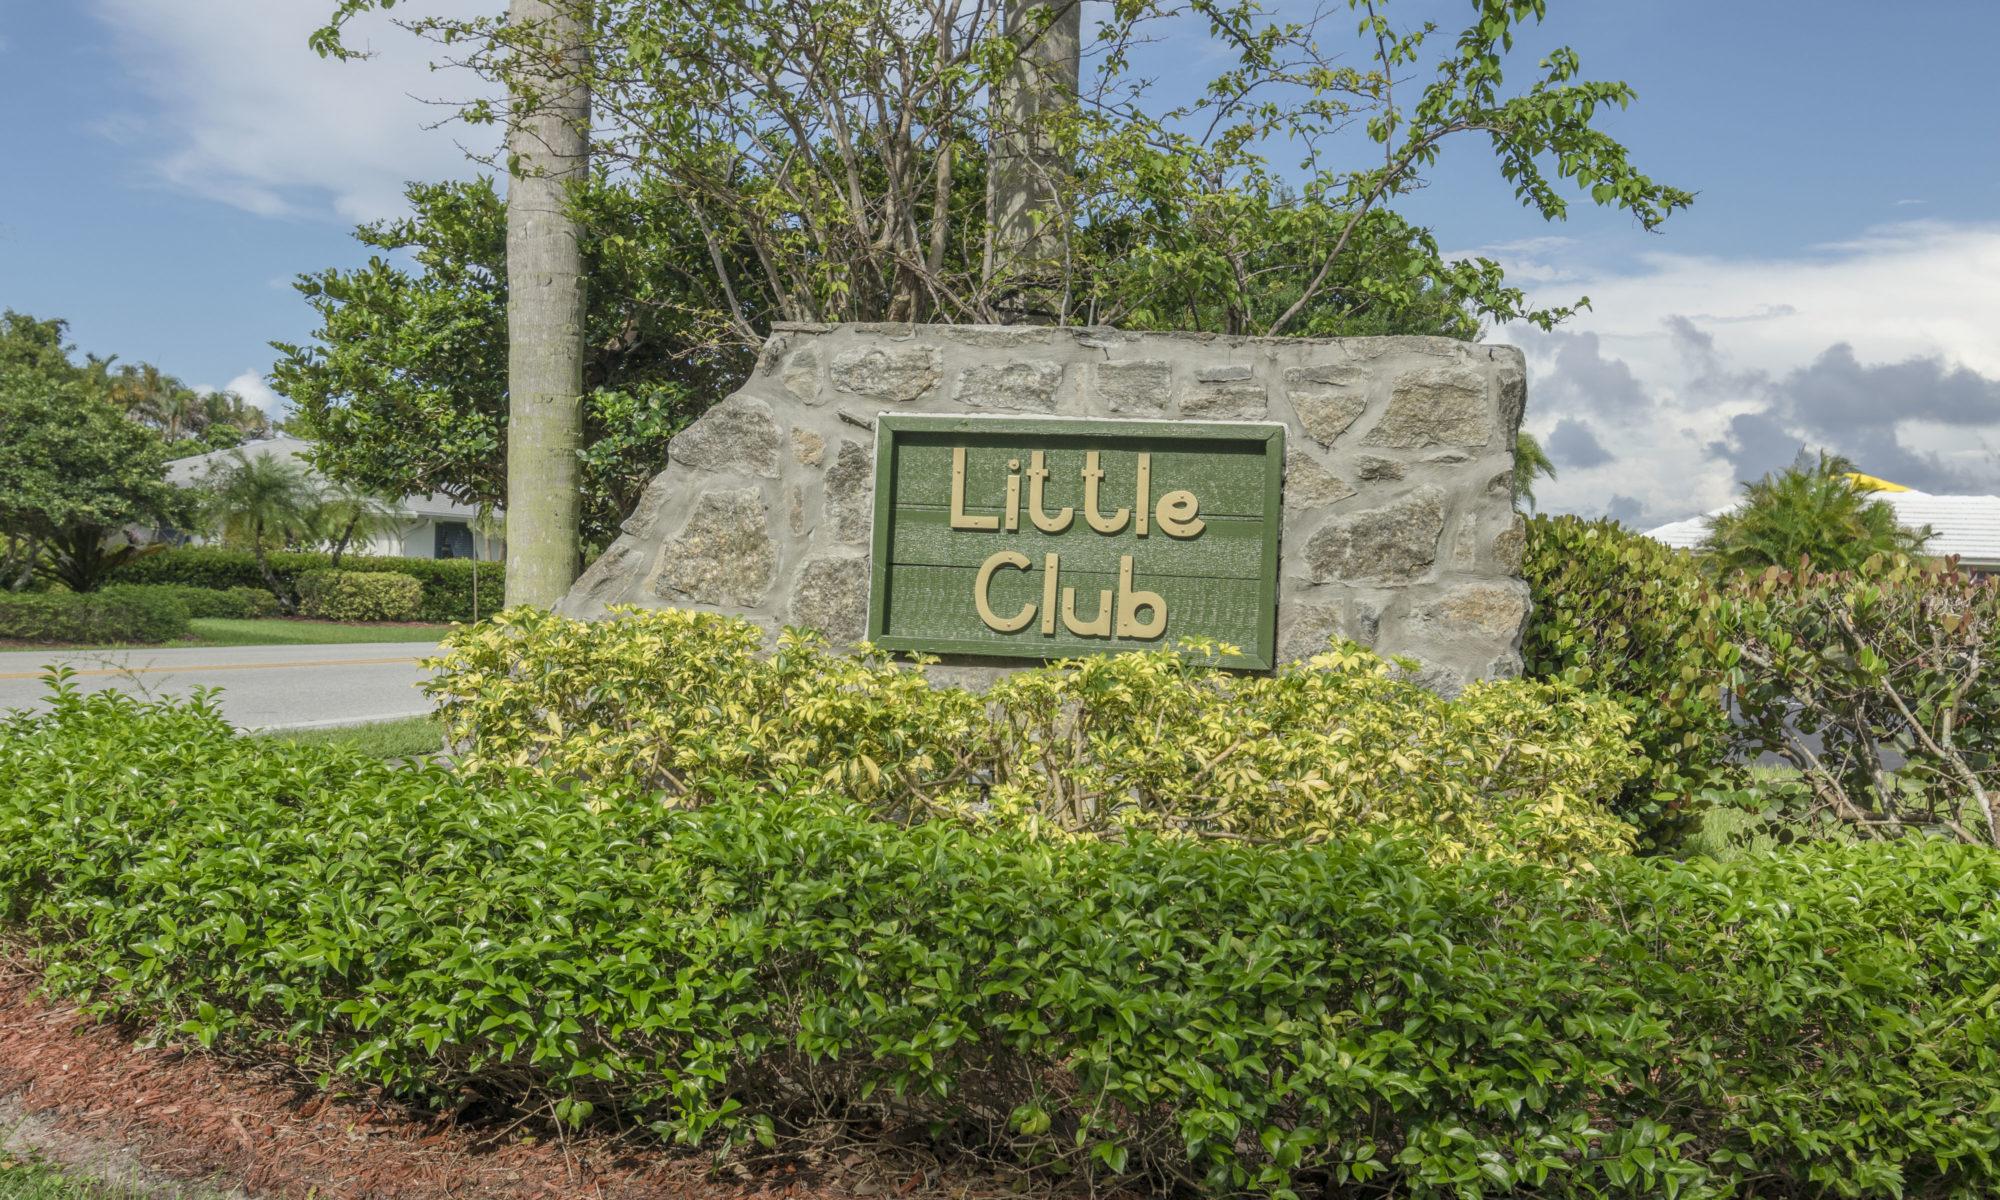 Little Club Condos Tequesta Real Estate For Sale | Jeff Lichtenstein  561-346-8383